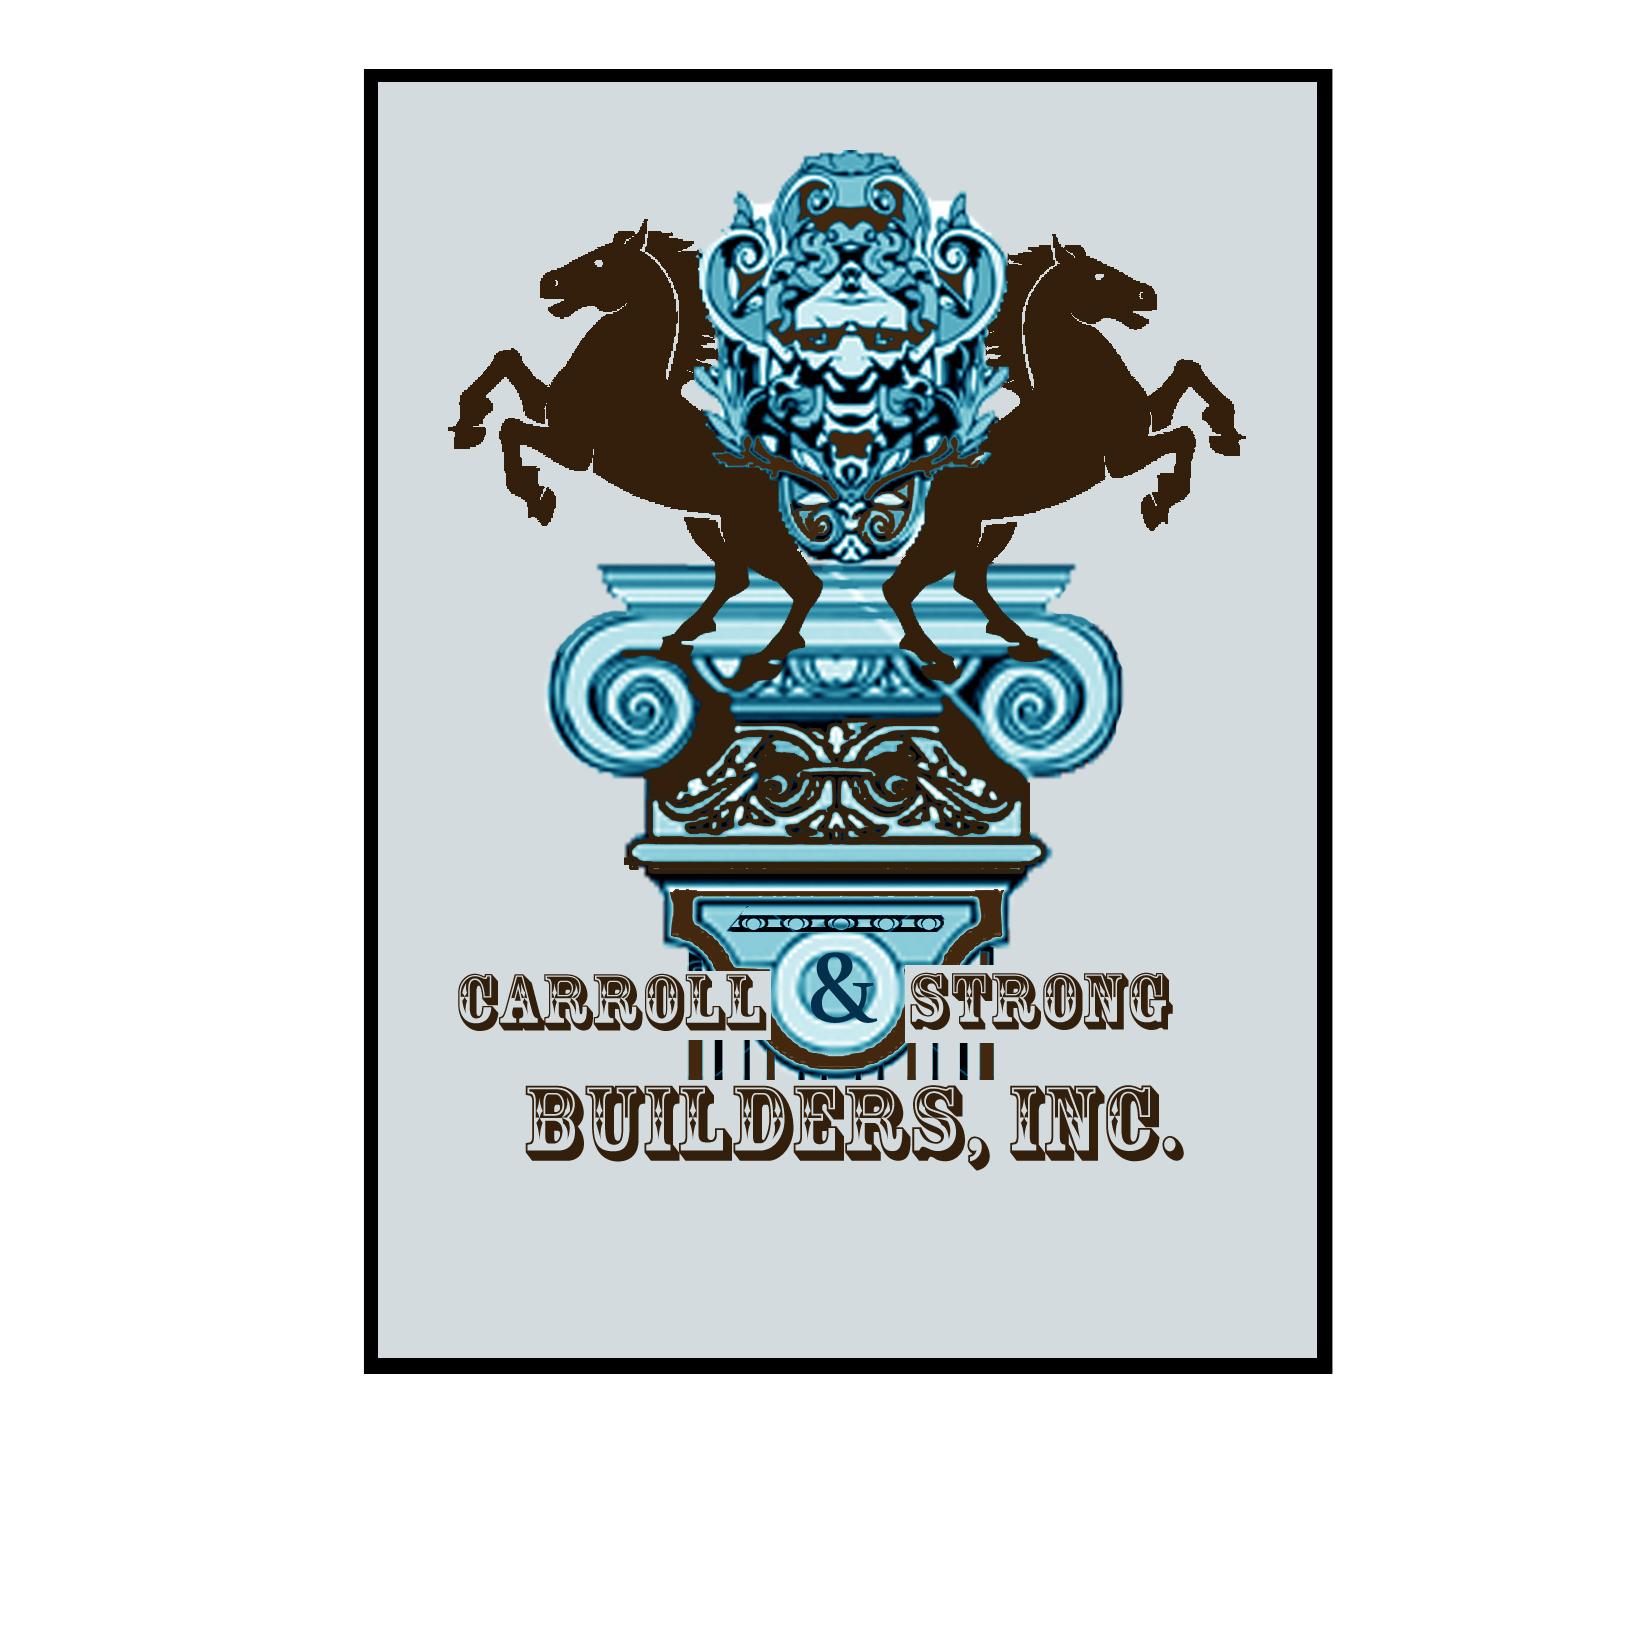 Logo Design by Rakia Raza - Entry No. 66 in the Logo Design Contest New Logo Design for Carroll & Strong Builders, Inc..